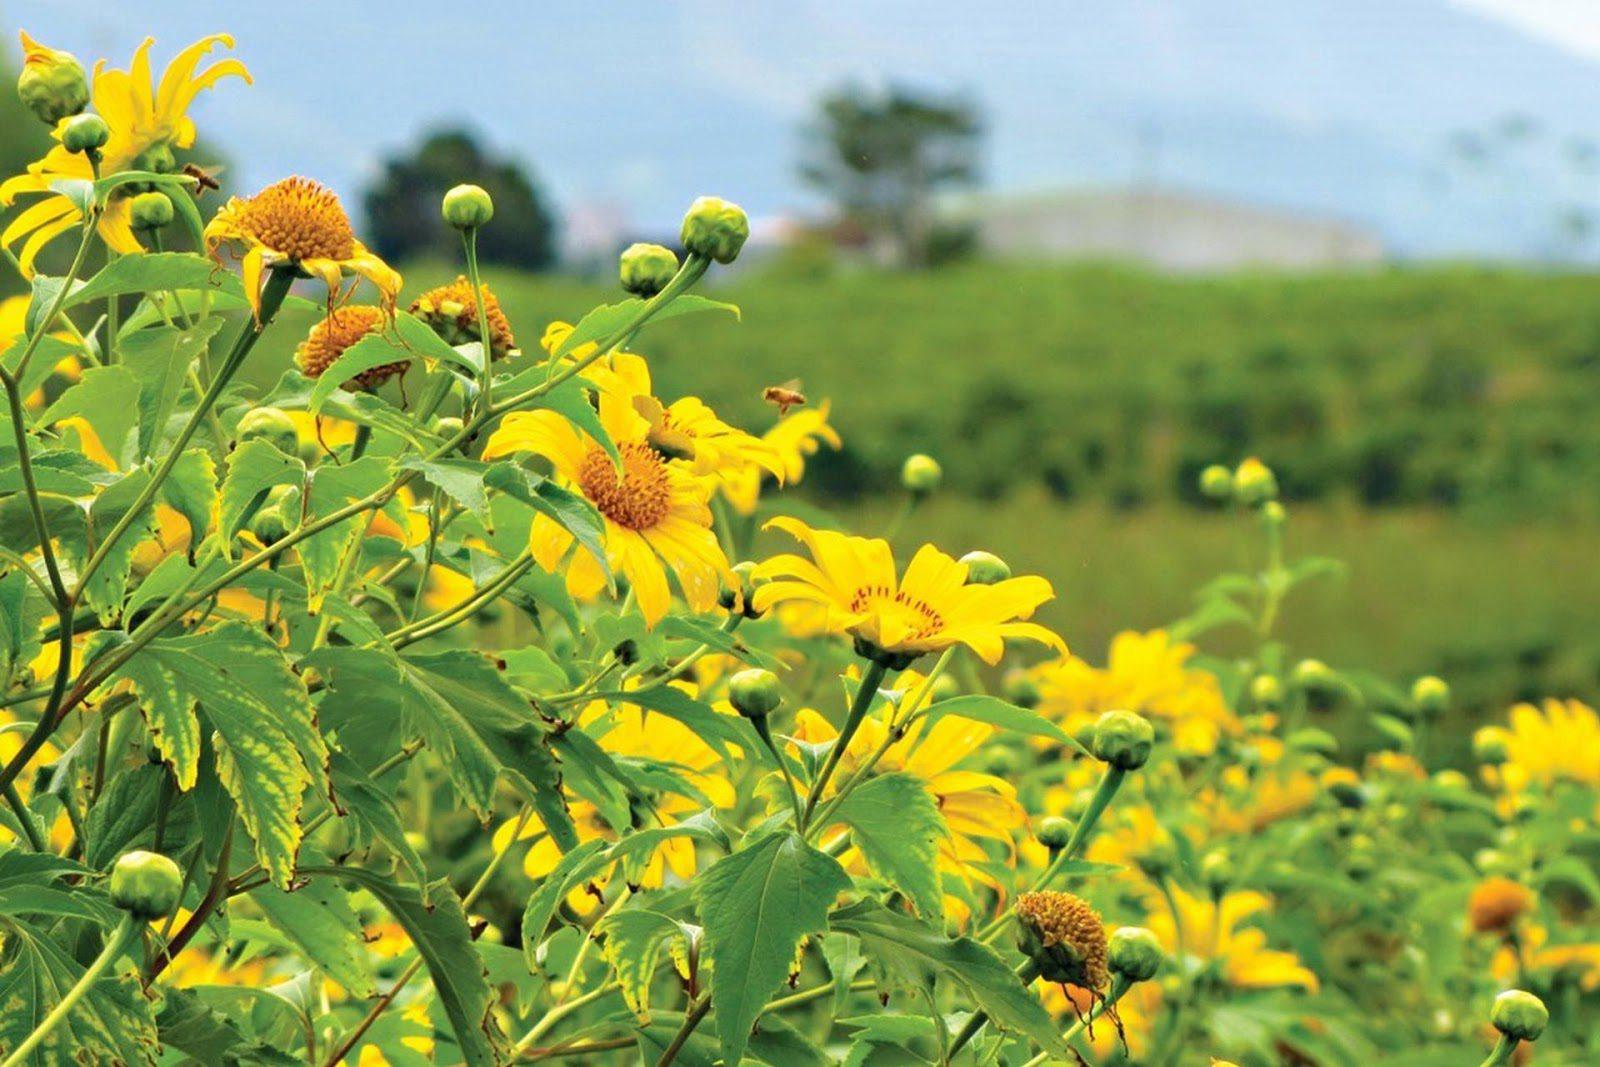 Mộc Châu tháng 10 – 11 mùa hoa dã quỳ rực rỡ